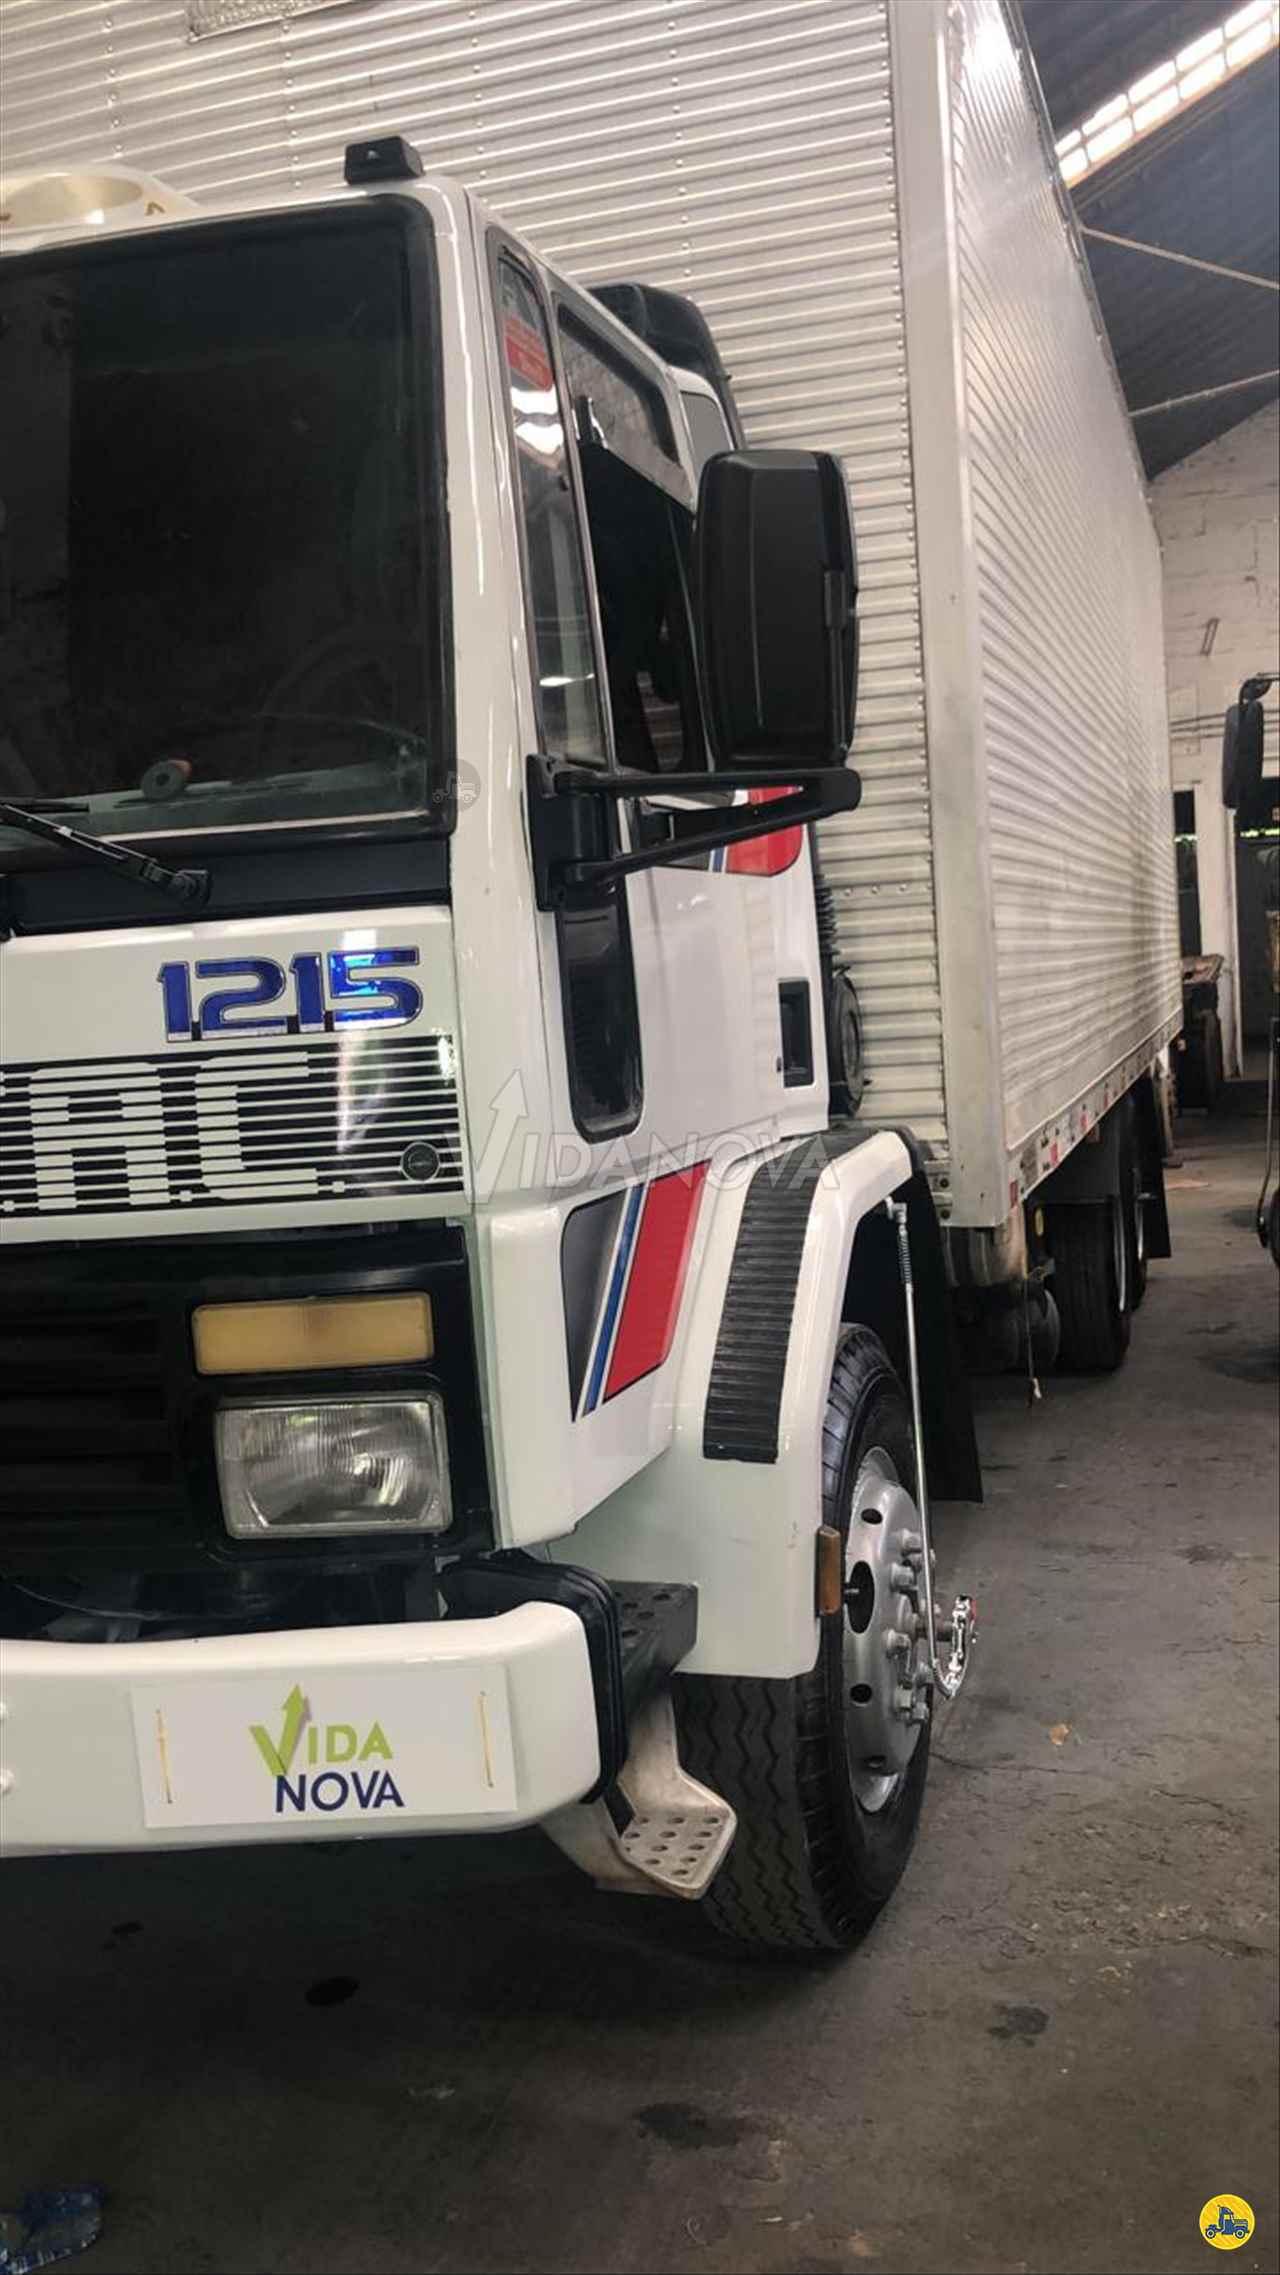 CAMINHAO FORD CARGO 1215 Baú Furgão Truck 6x2 Vida Nova Caminhões JUNDIAI SÃO PAULO SP